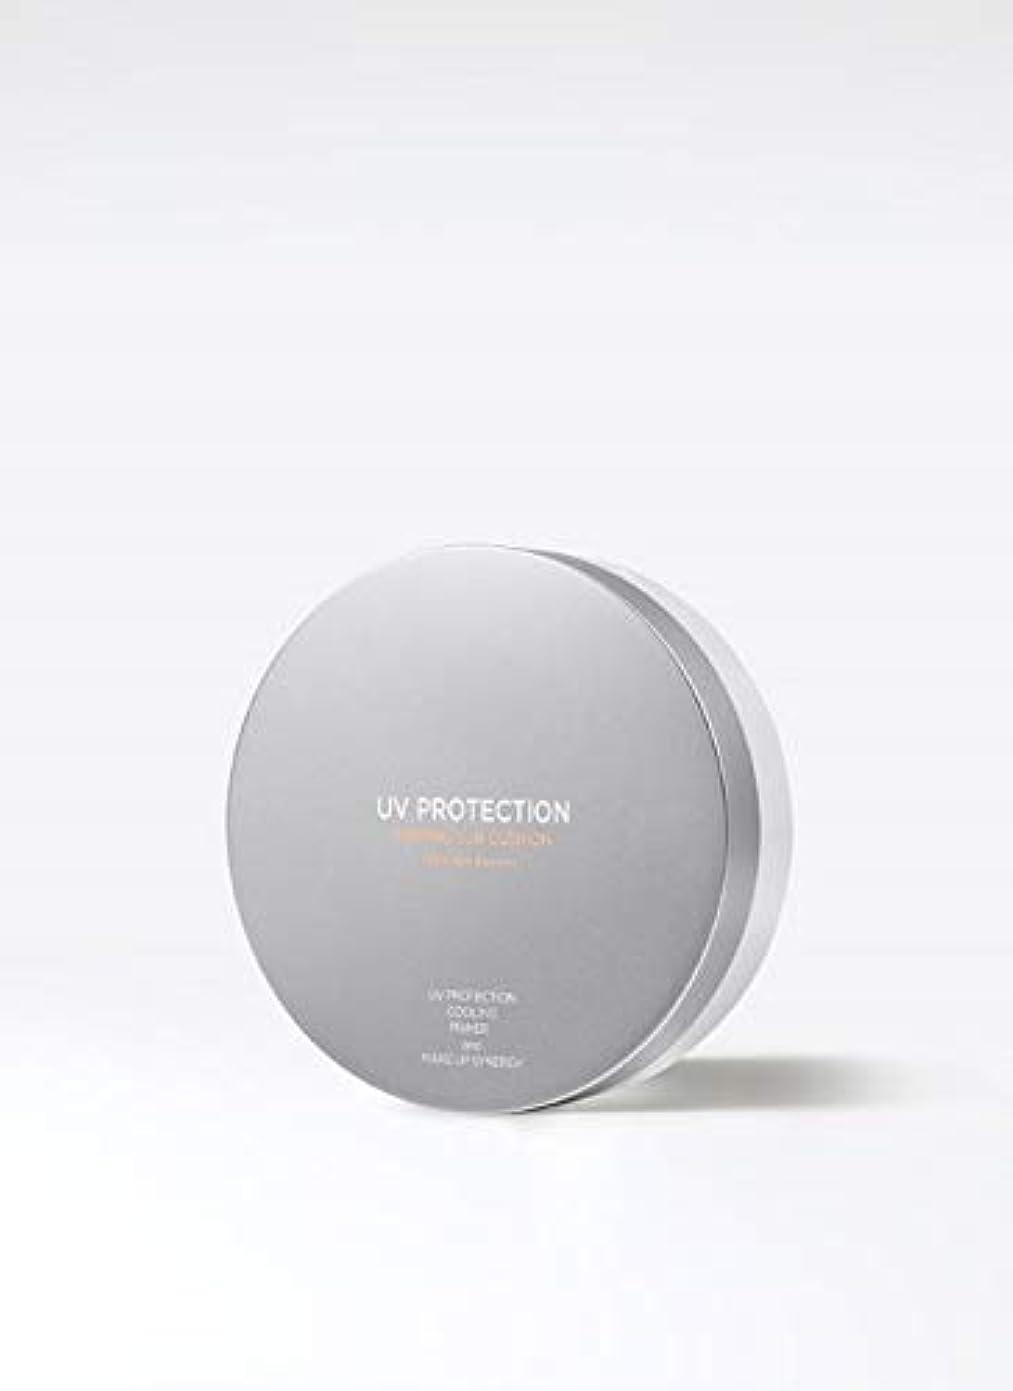 ムスホイスト港[KLAVUU] クラビューUVプロテクションプライミング線クッションSPF 50+ PA ++++ 13g / UV PROTECTION PRIMING SUN CUSHION SPF 50+ PA ++++ 0.46...